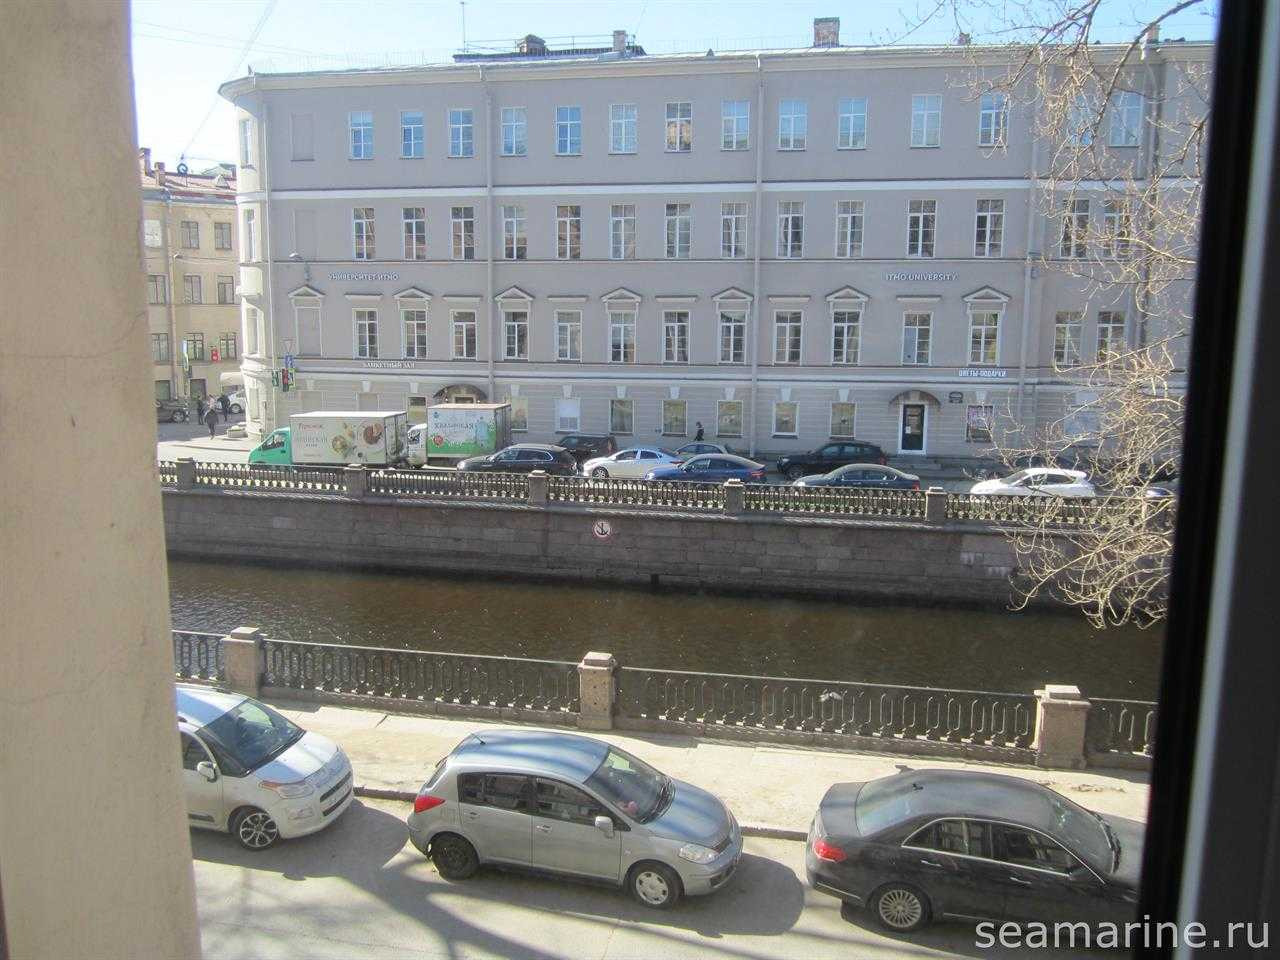 Санкт-Петербург. Вид из окна Griboedov Studios